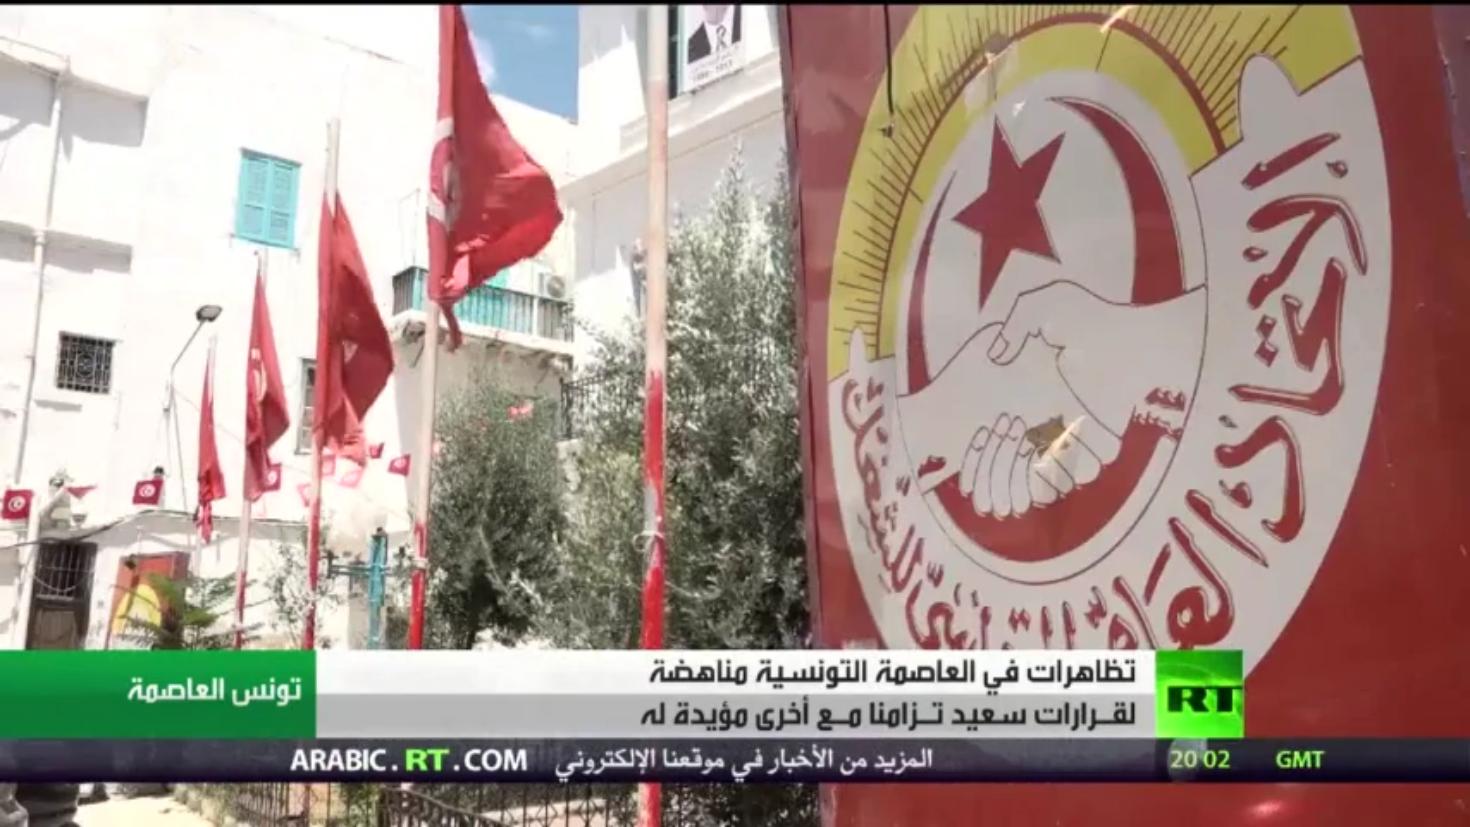 تونس.. تظاهرات مناهضة وأخرى مؤيدة لسعيد